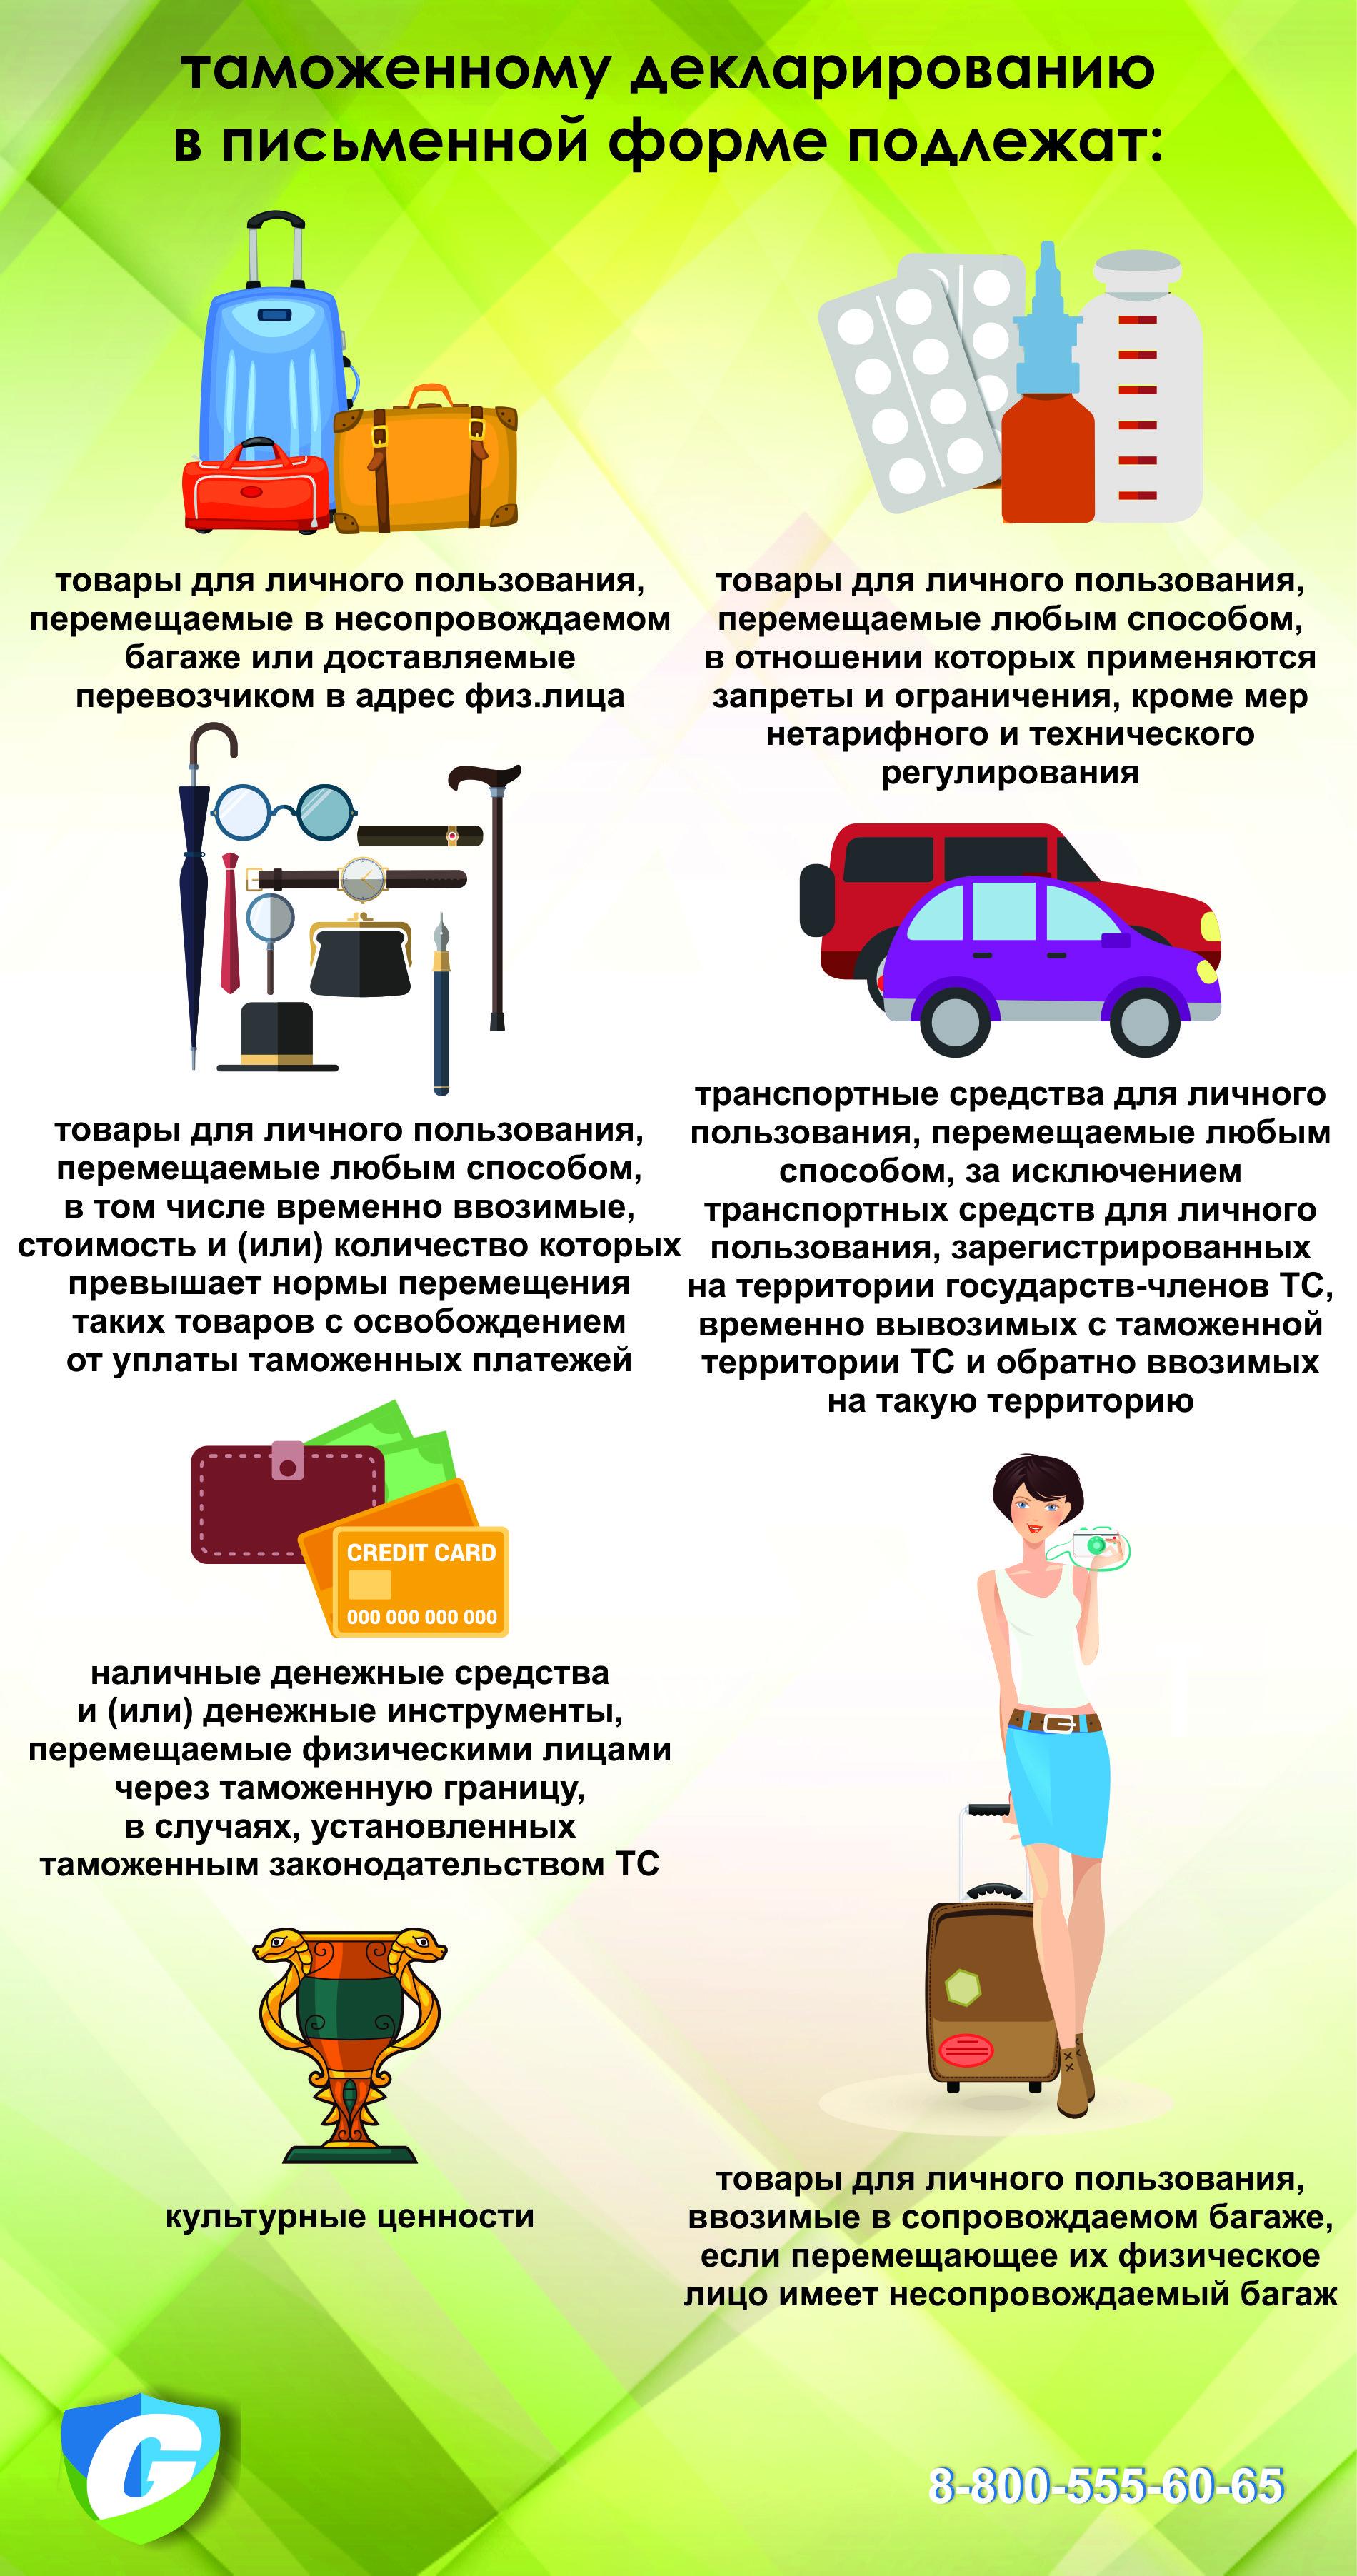 Предварительное таможенное декларирование товаров схема